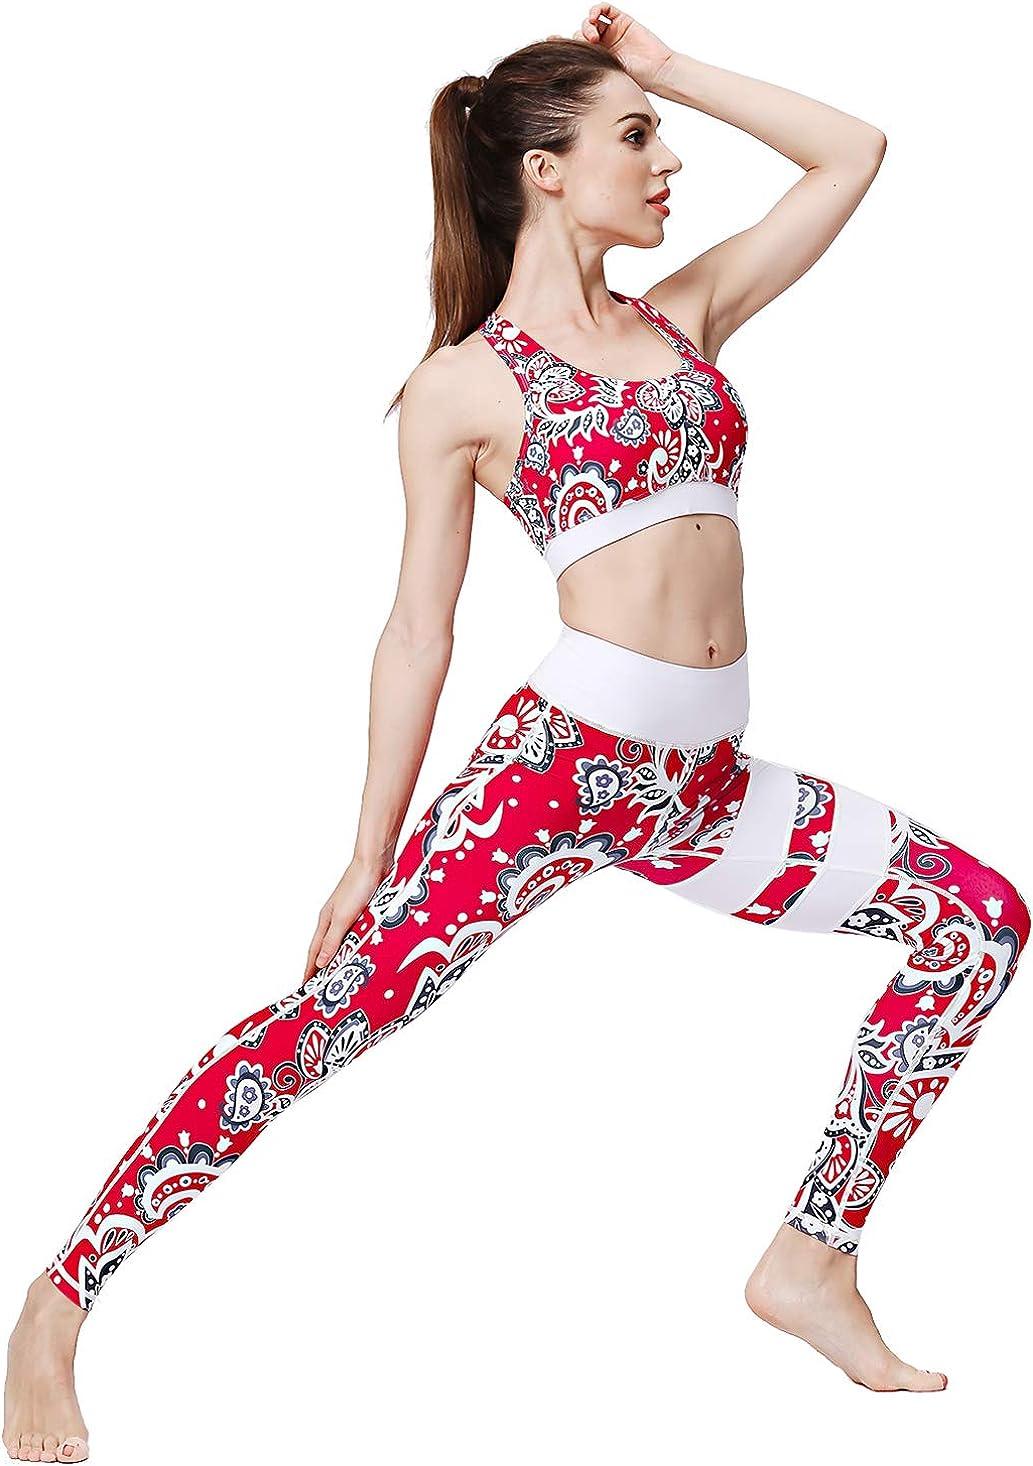 FLYILY Cintura Alta El/ásticos Pantalones de Yoga Para Mujer Leggings para Correr Entrenamiento Fitness